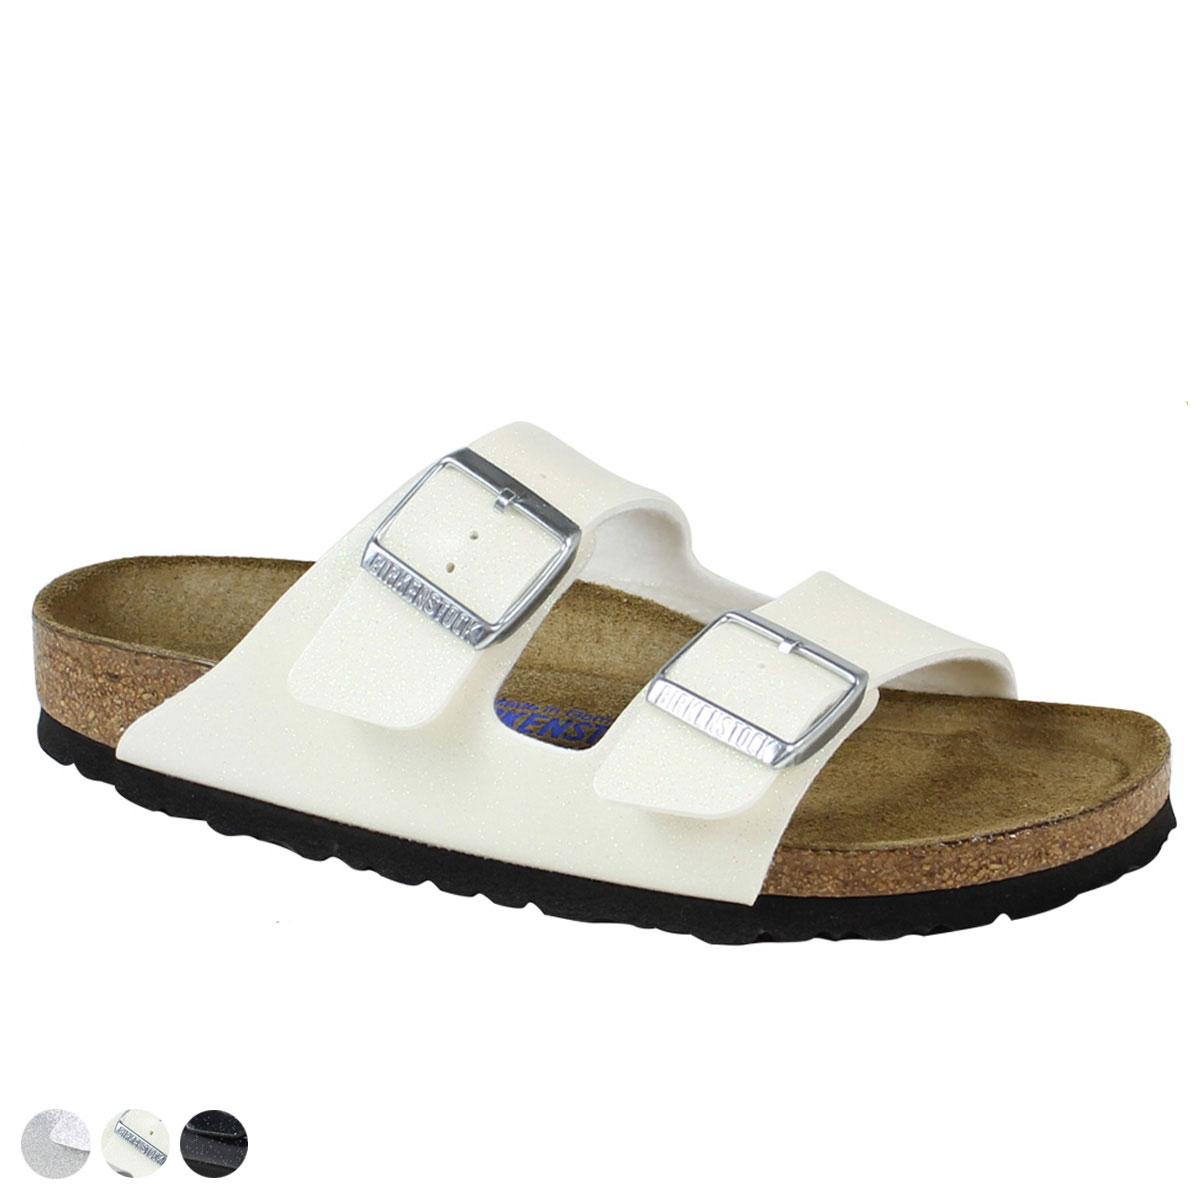 a78b3d8aadc ALLSPORTS  Birkenstock Arizona women s BIRKENSTOCK vilken Sandals narrow  width ARIZONA